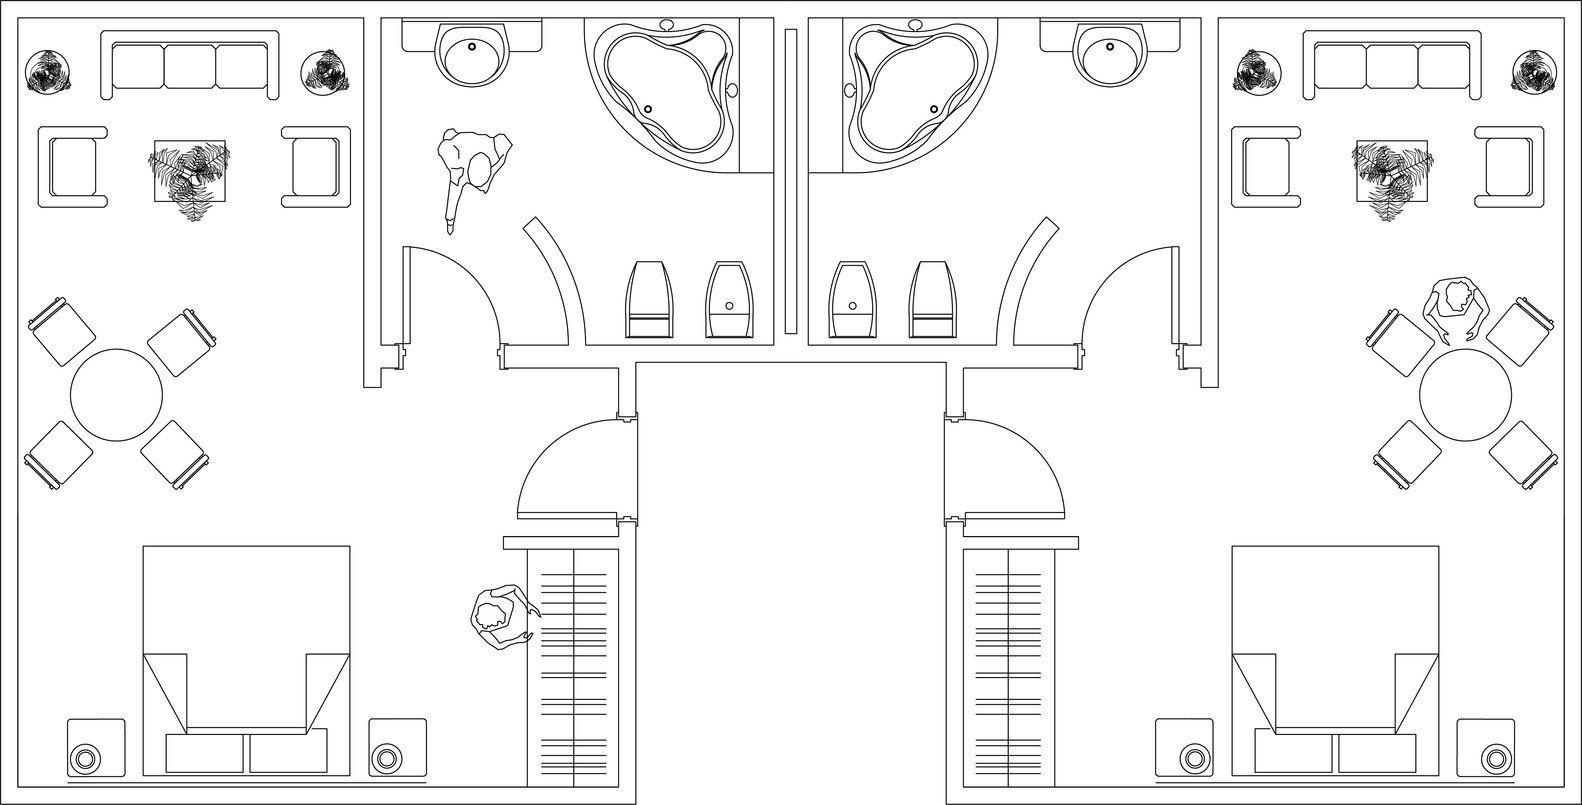 Galeria de Biblioteca de desenhos arquitetônicos em DWG